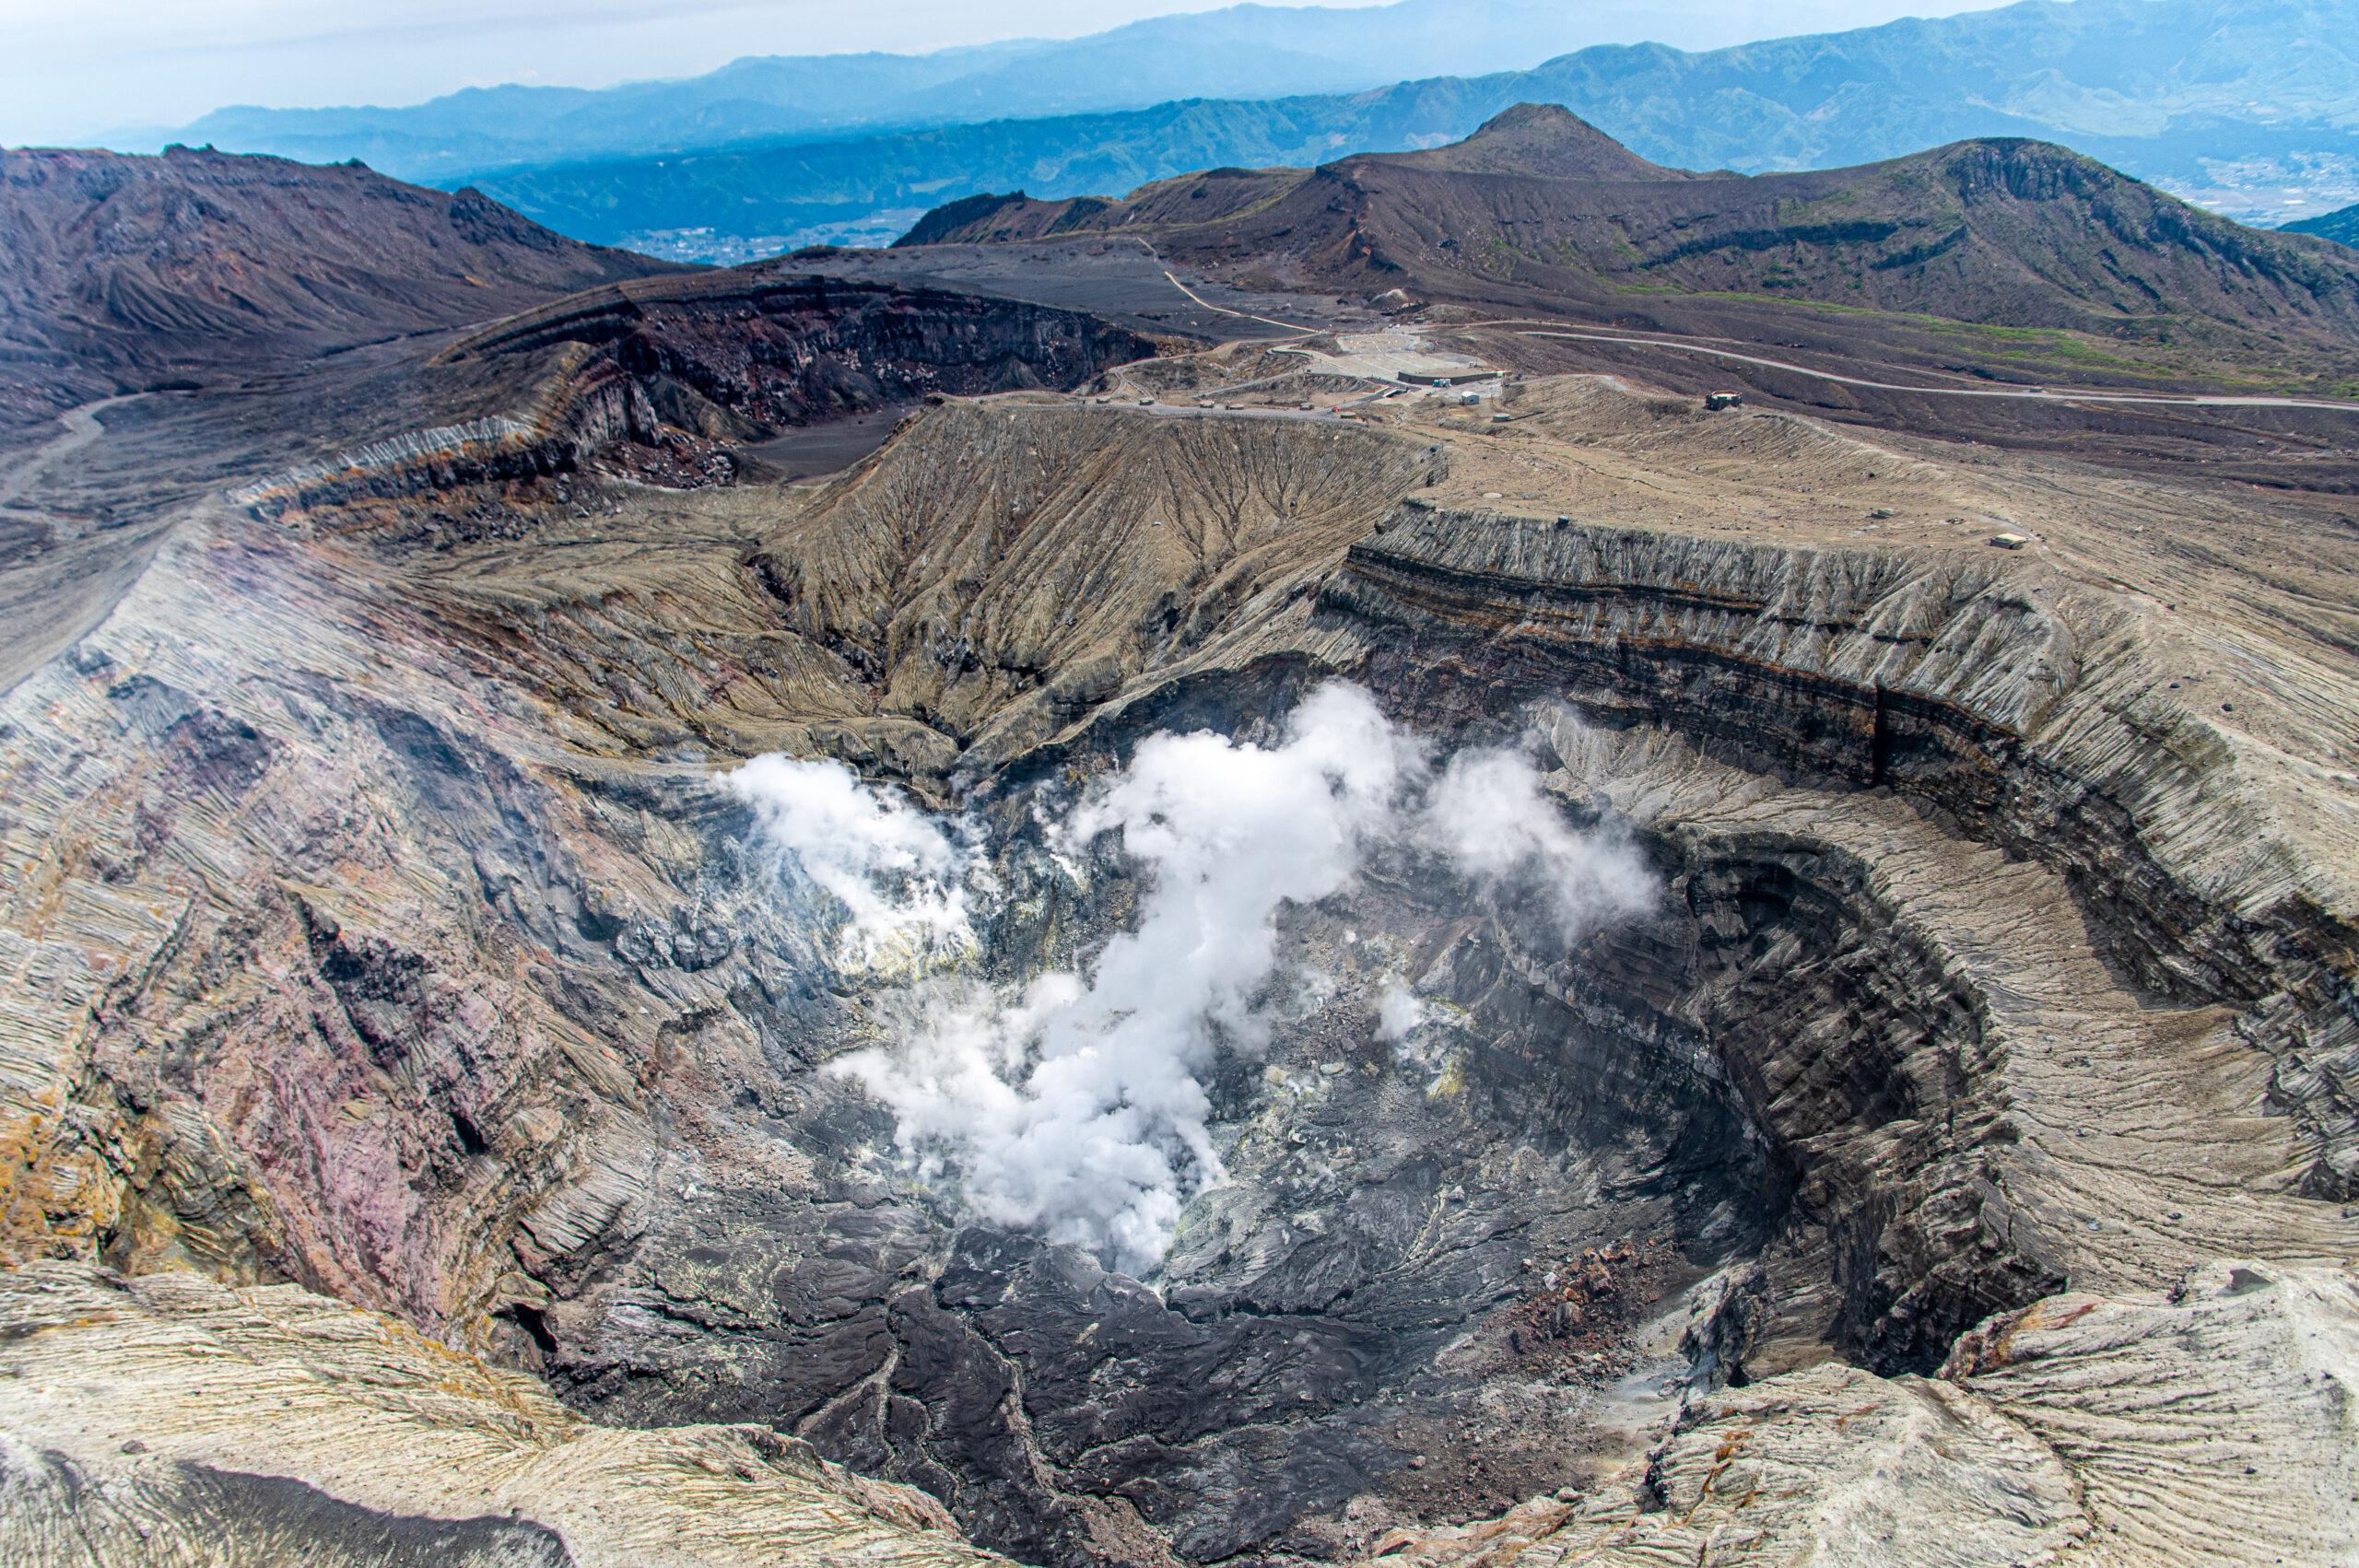 日本でも数少ない観光できる火山スポット。熊本県の阿蘇山への行き方